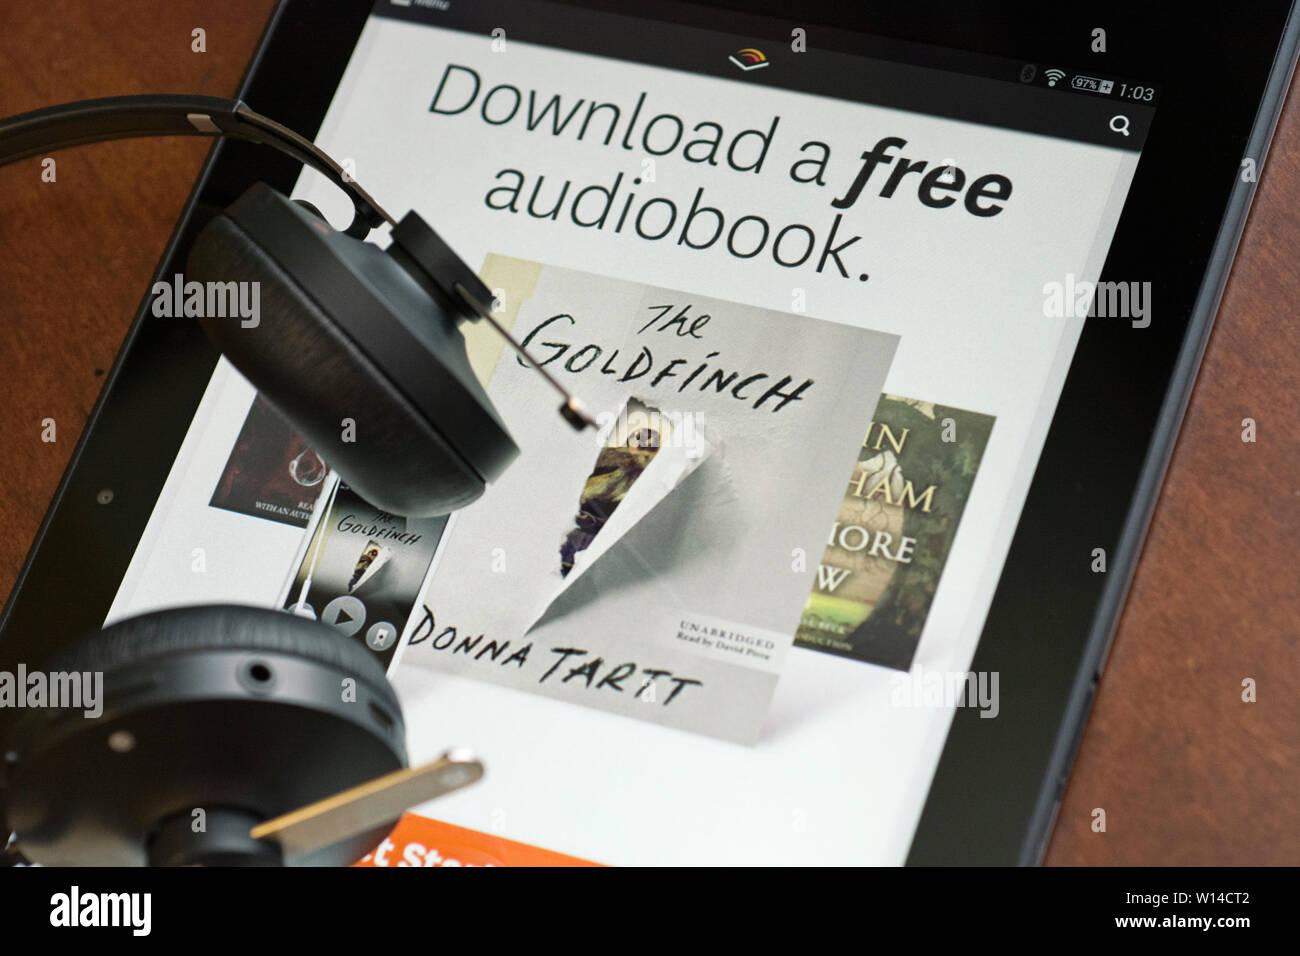 Sitio Web de Audible en Tablet, oferta para descargar audiolibro gratis Imagen De Stock